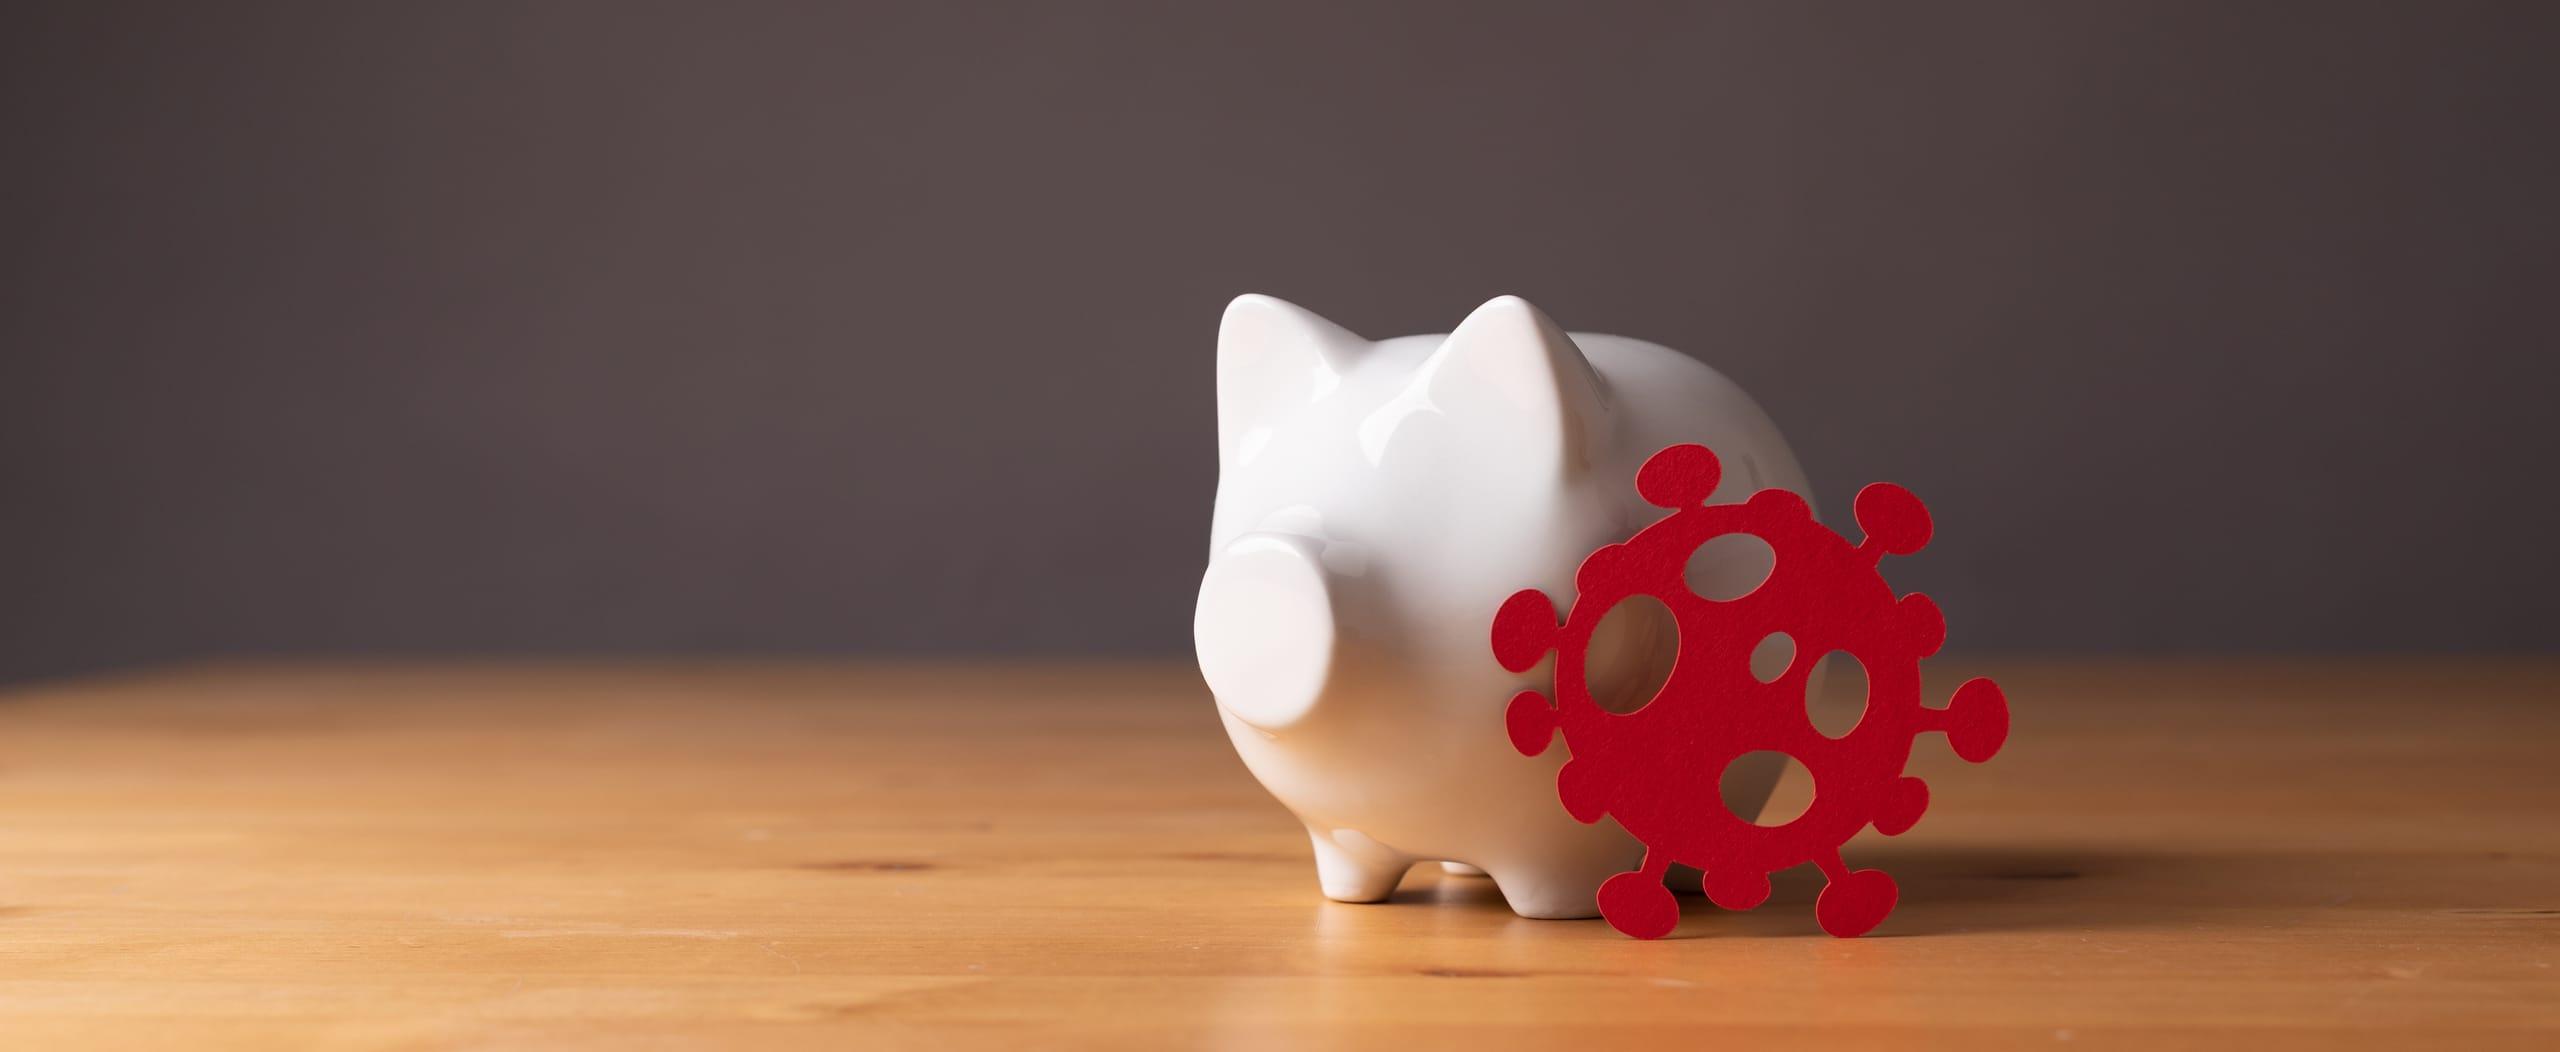 5 Steuererleichterungen wegen Corona: Update für Unternehmer